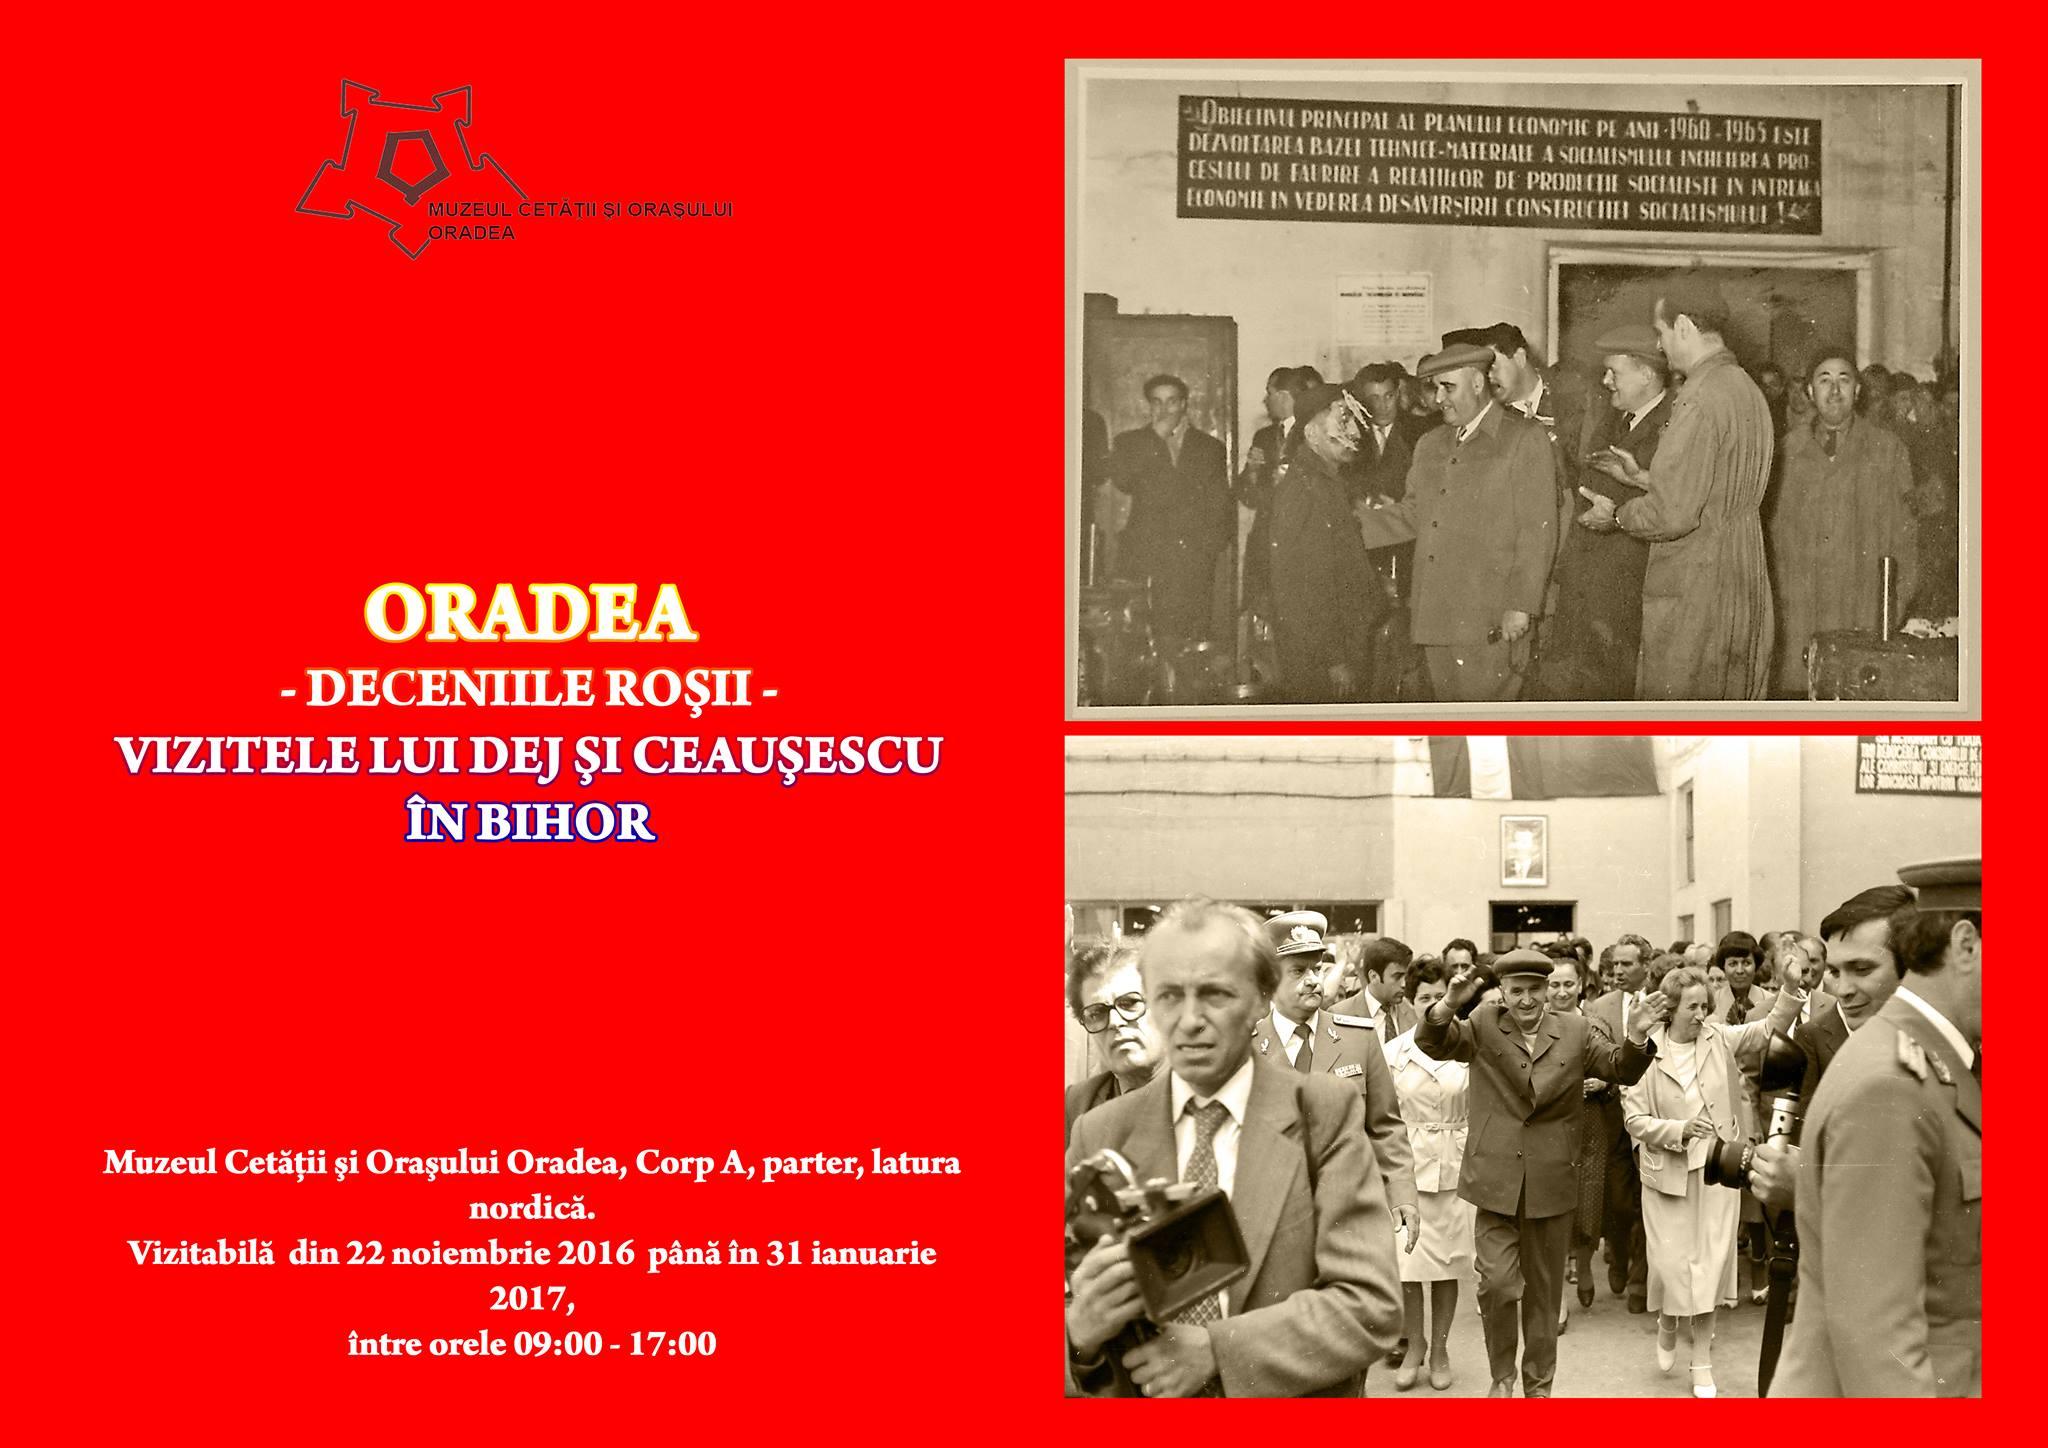 Expoziție: Deceniile roșii. Vizitele lui Dej și Ceaușescu în Bihor